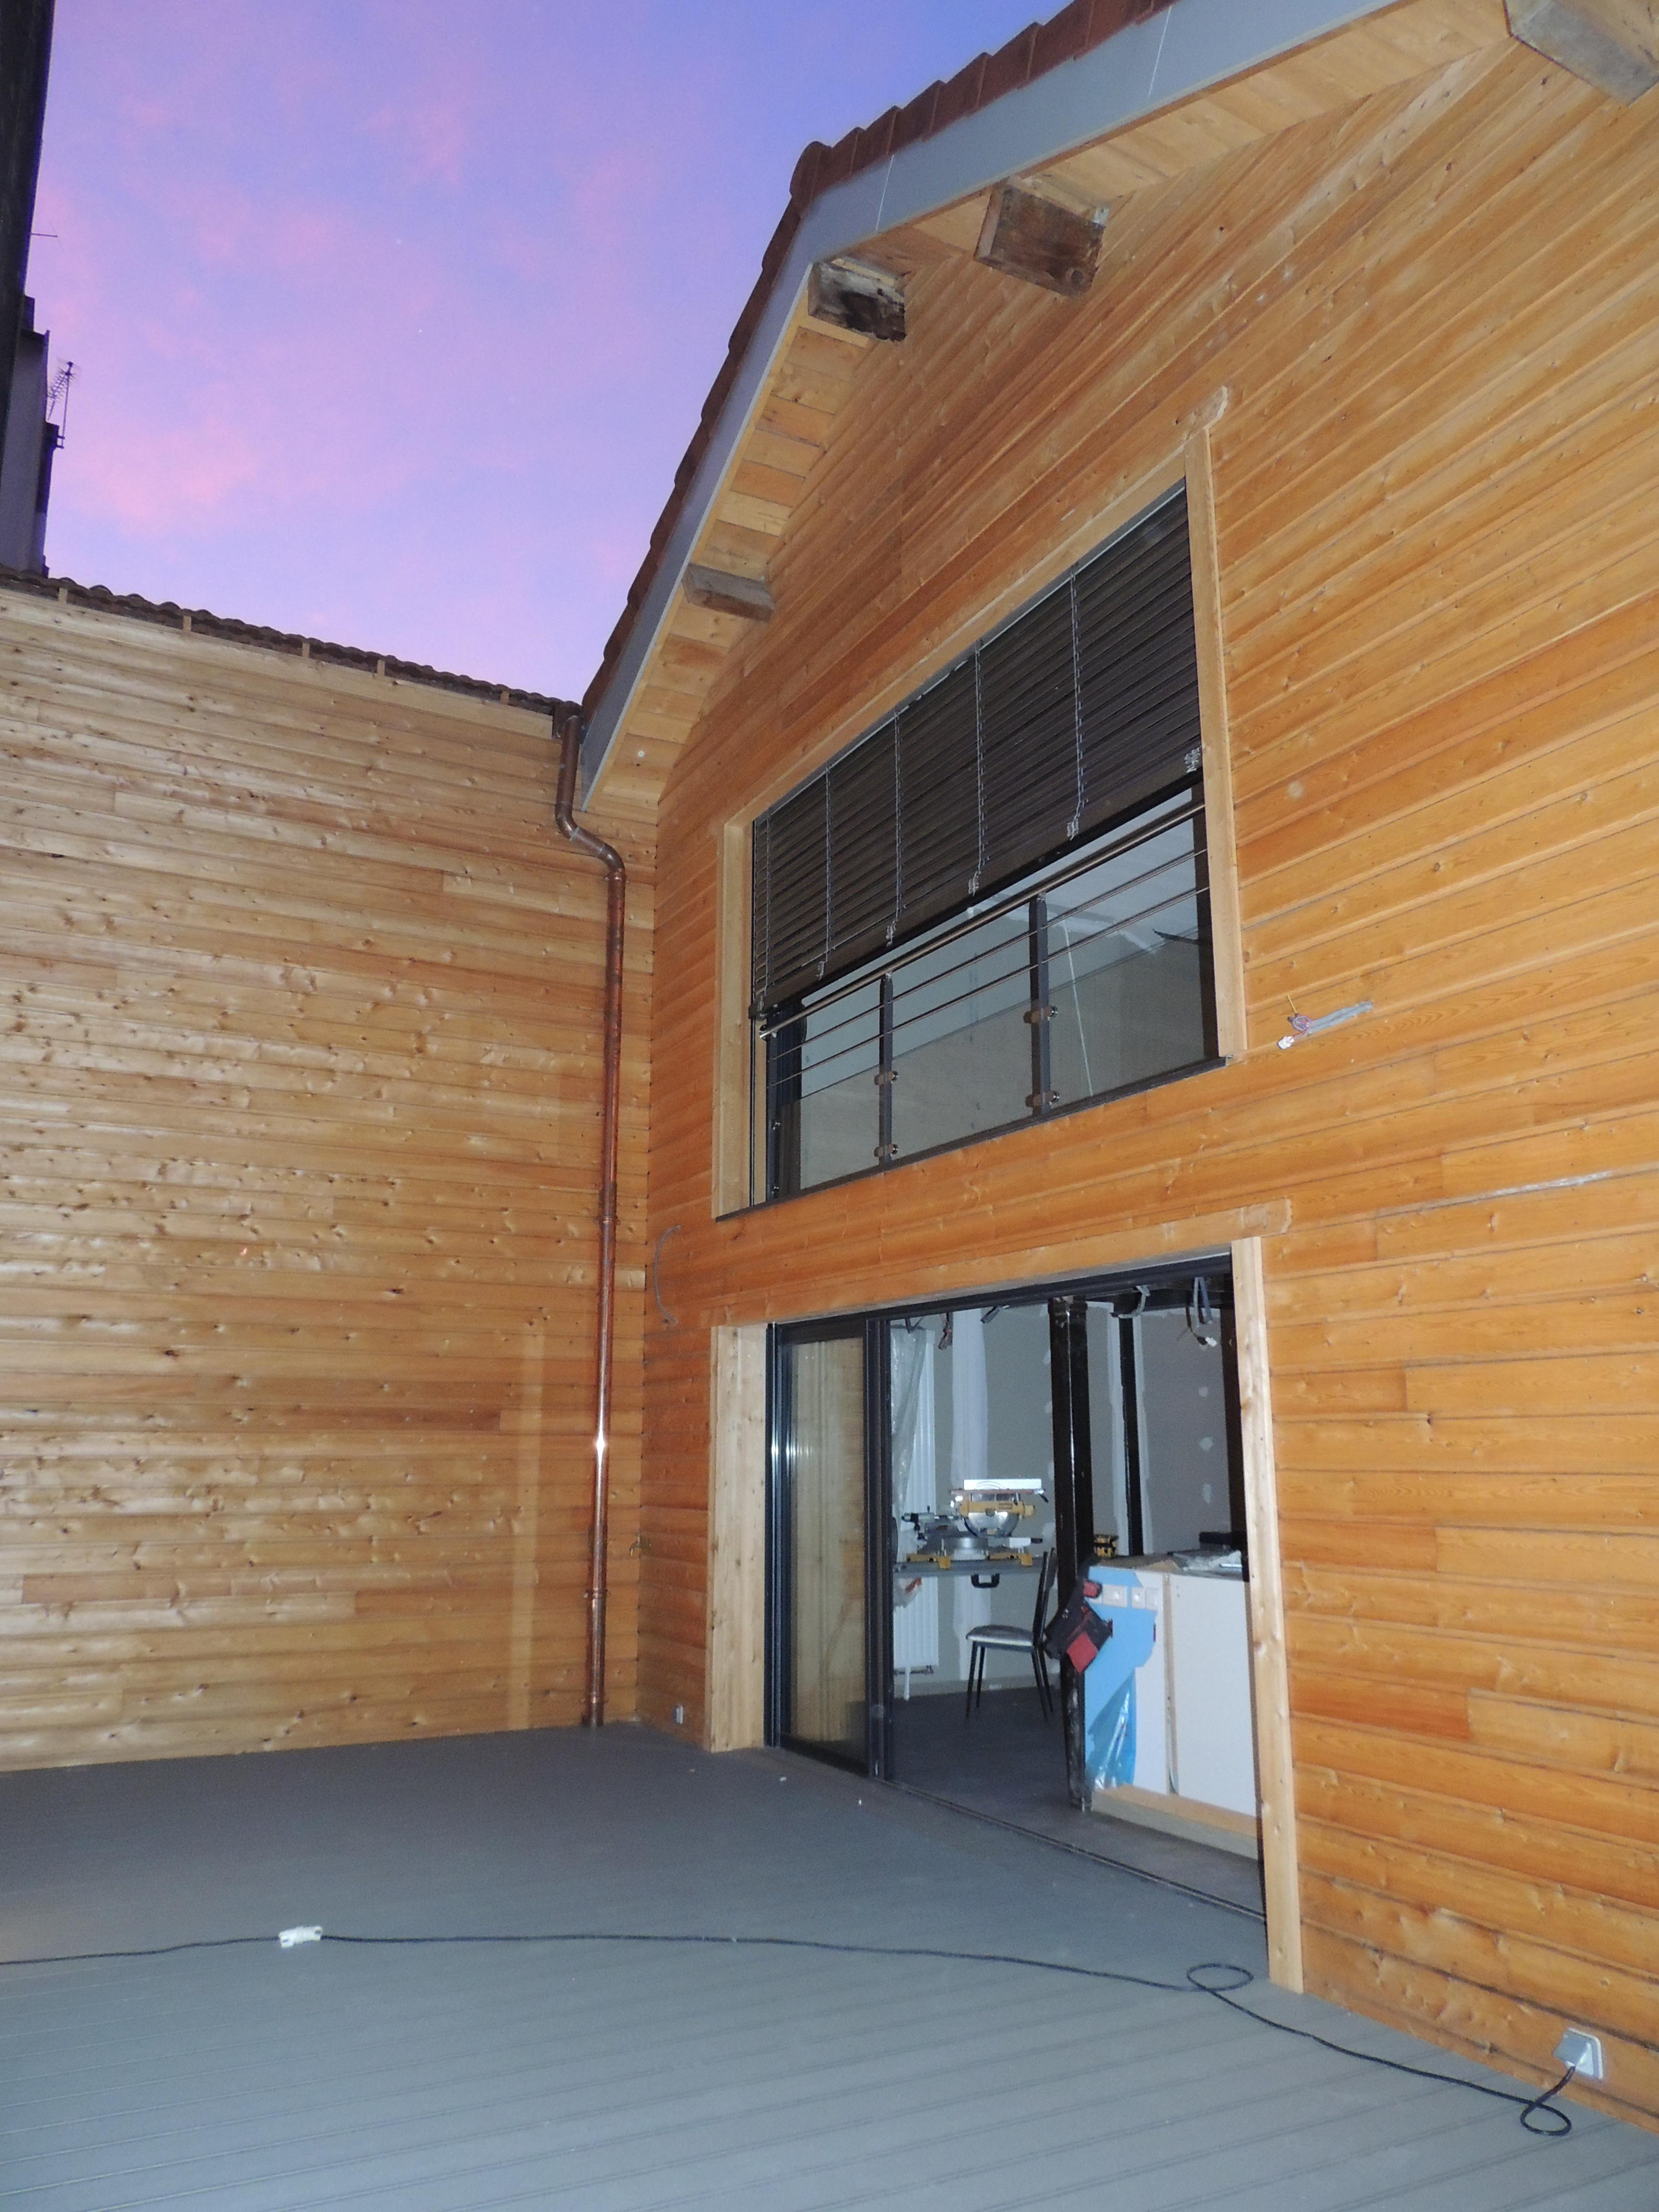 cr ation d 39 un loft par l 39 entreprise ameko habitat dans l 39 ain 01. Black Bedroom Furniture Sets. Home Design Ideas